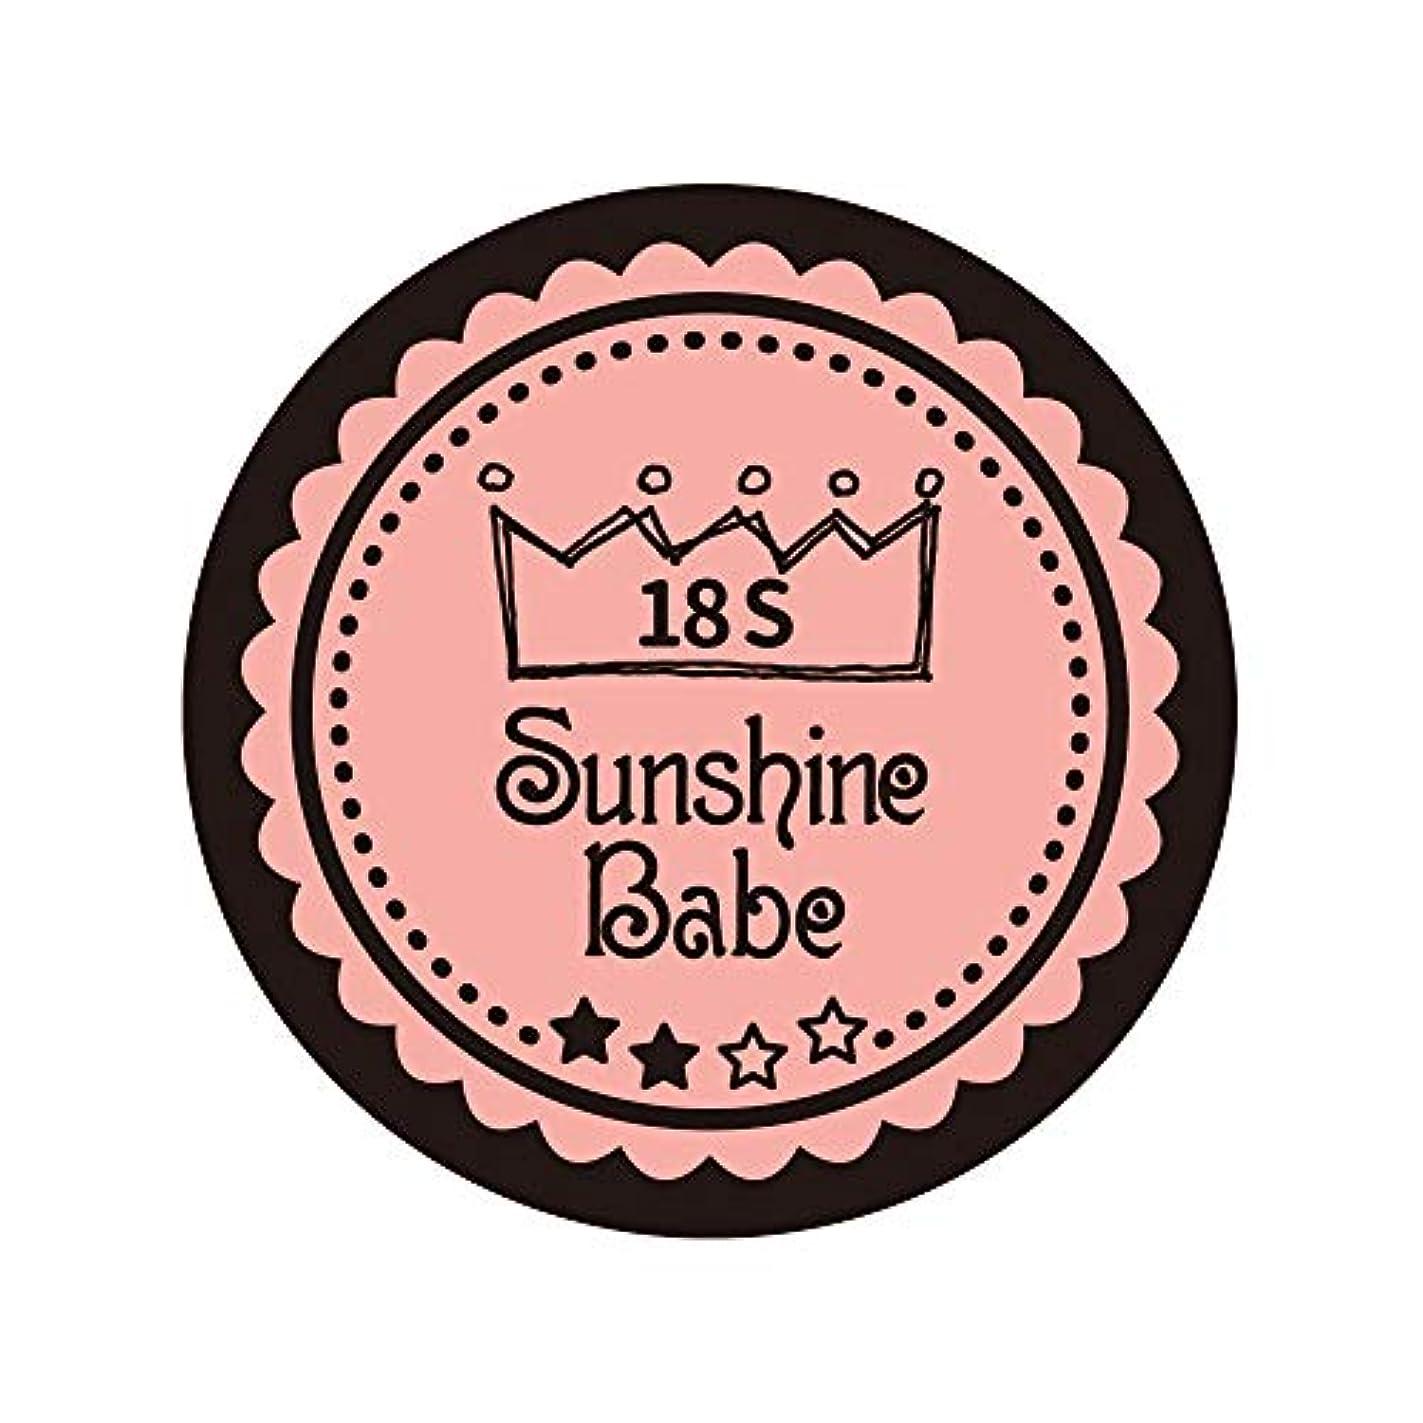 ひいきにするカトリック教徒特別なSunshine Babe カラージェル 18S ロマンティックベリー 2.7g UV/LED対応